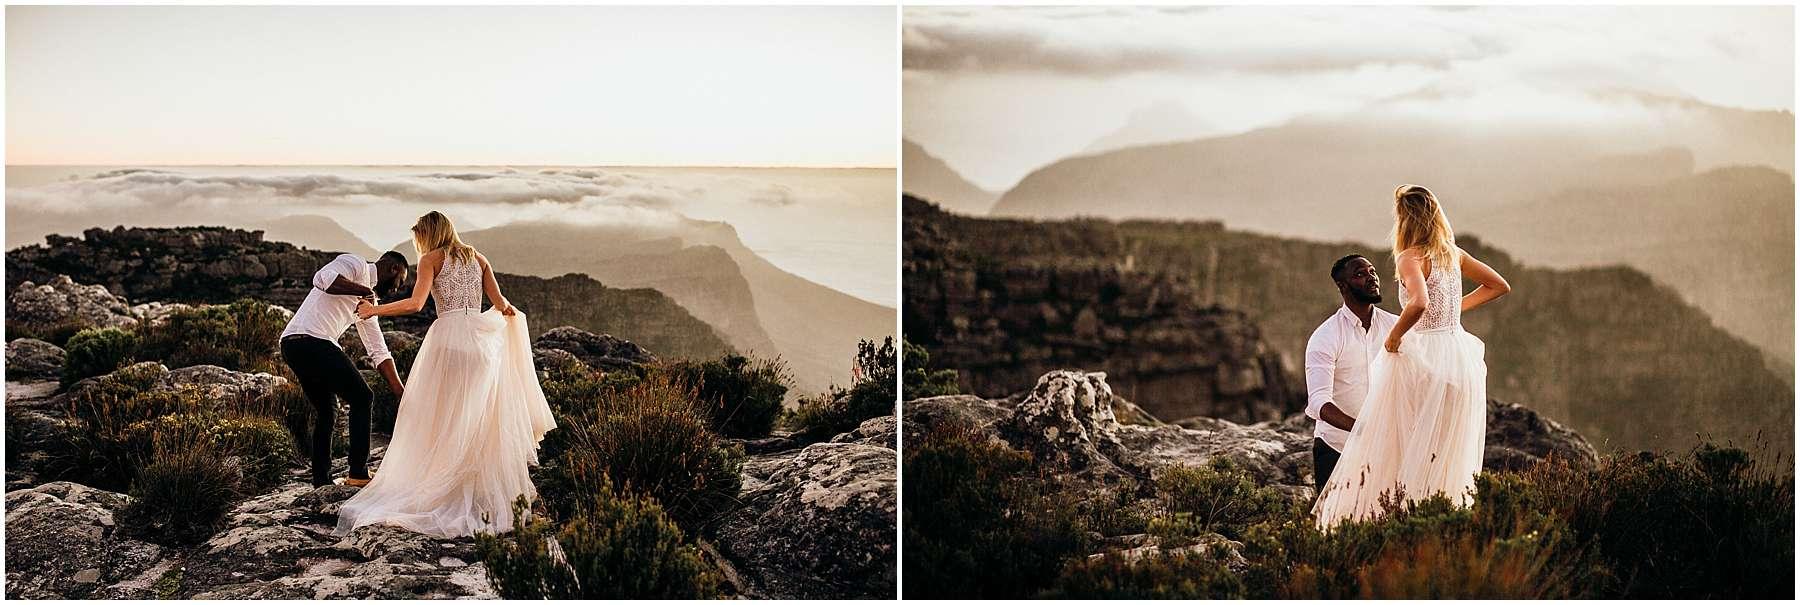 LOTTYH-South-Africa-Elopement-Photographer_0036.jpg